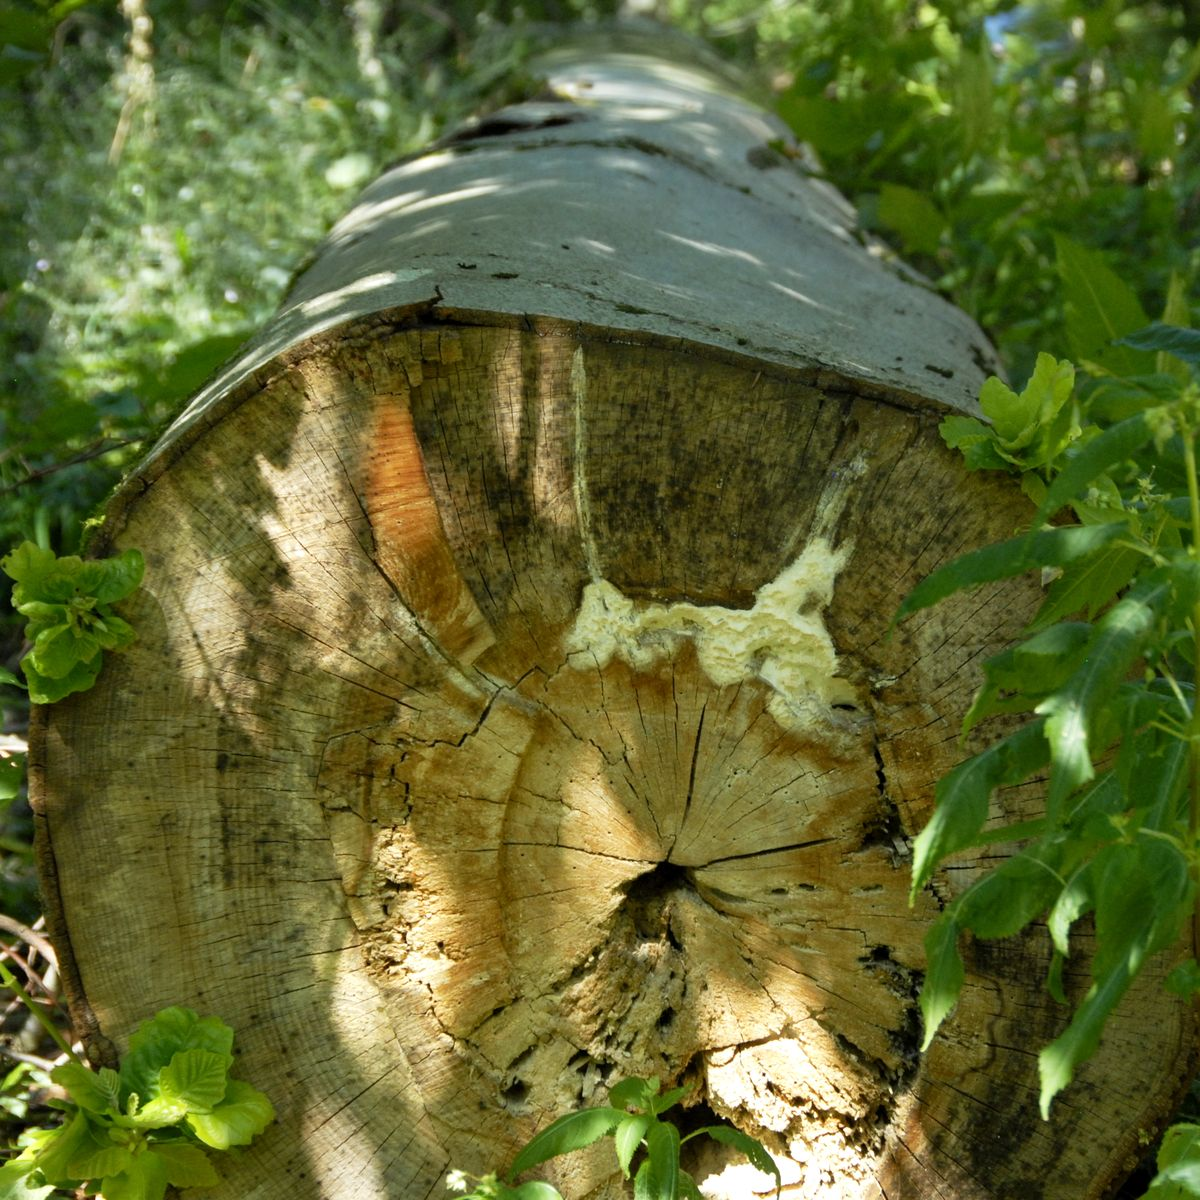 Gefährlicher Baumpilz: Der Hallimasch (Foto: F. Stahl)